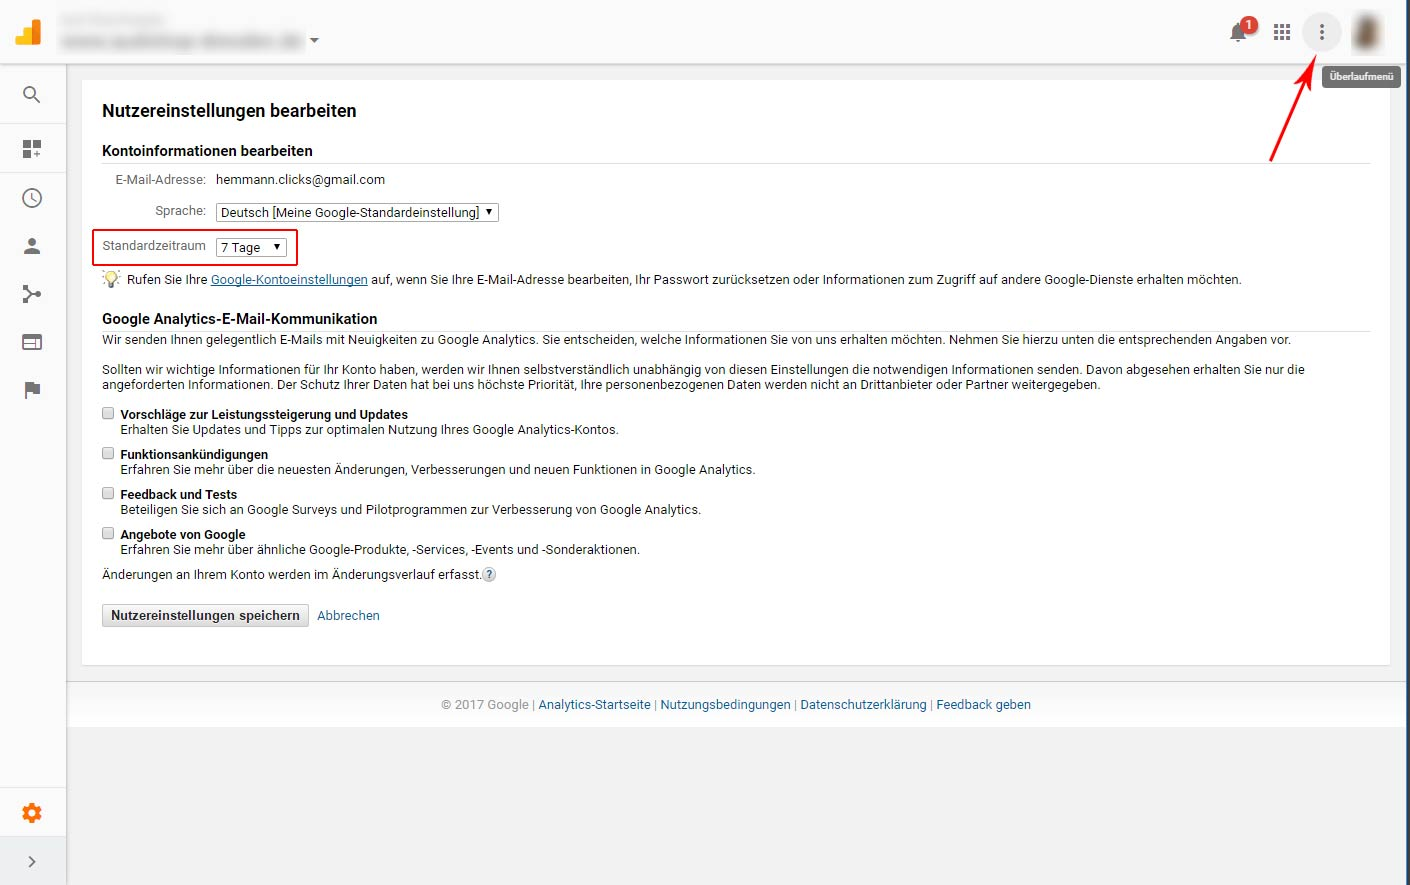 Google Analytics lässt nun eine eigene standardisierte Zeitraumeinstellung möglich